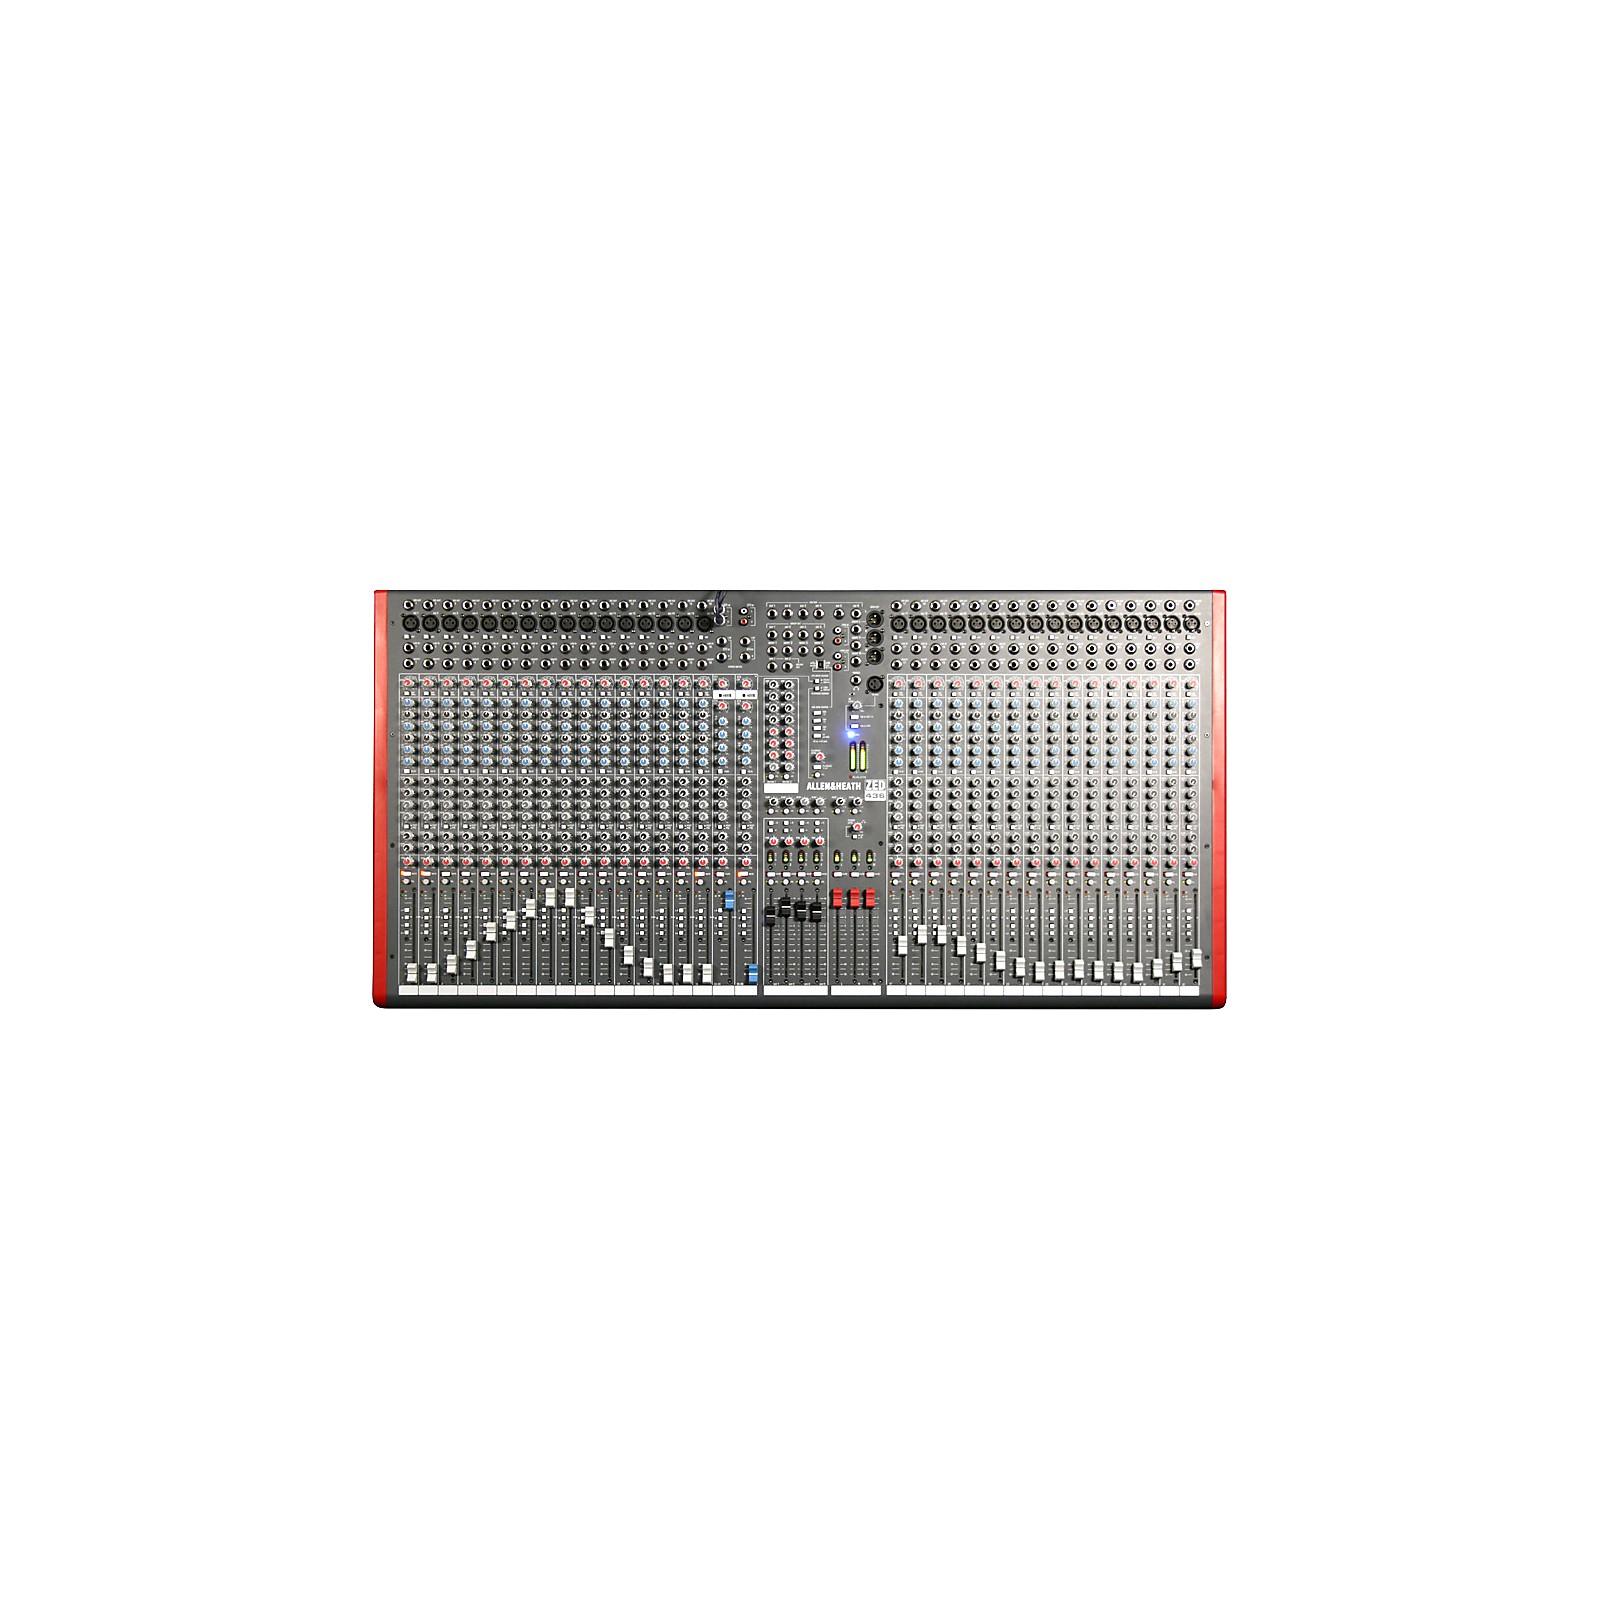 Open Box Allen & Heath ZED-436 Mixer